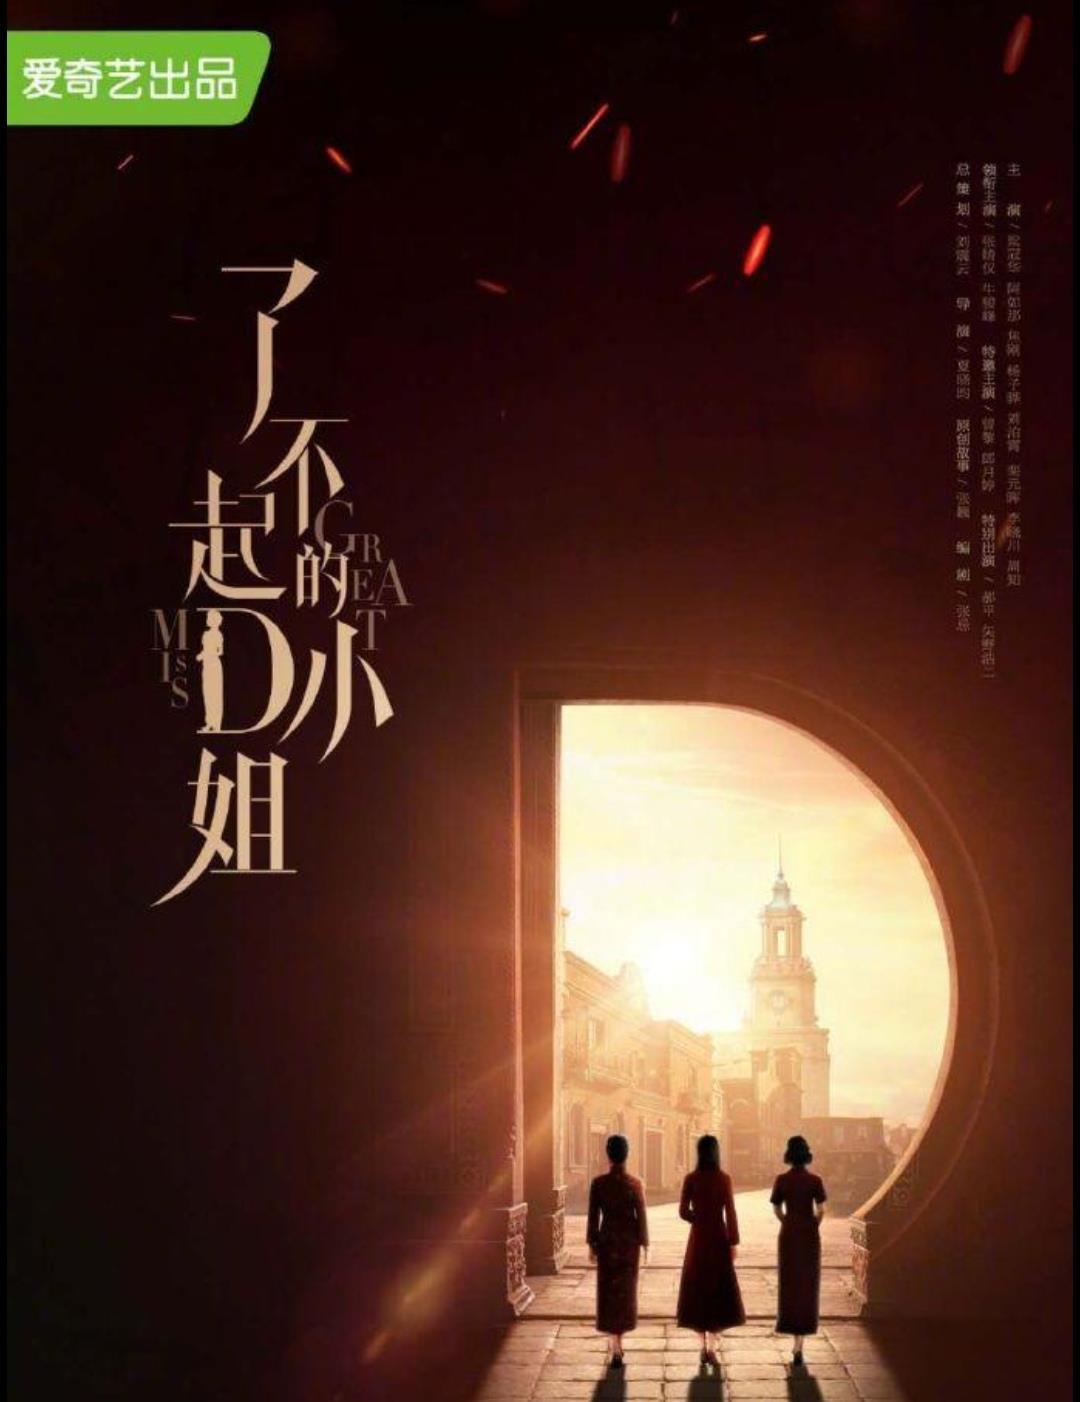 牛骏峰又一新剧来袭,搭档甜美系气质女主上演青春热血爱情